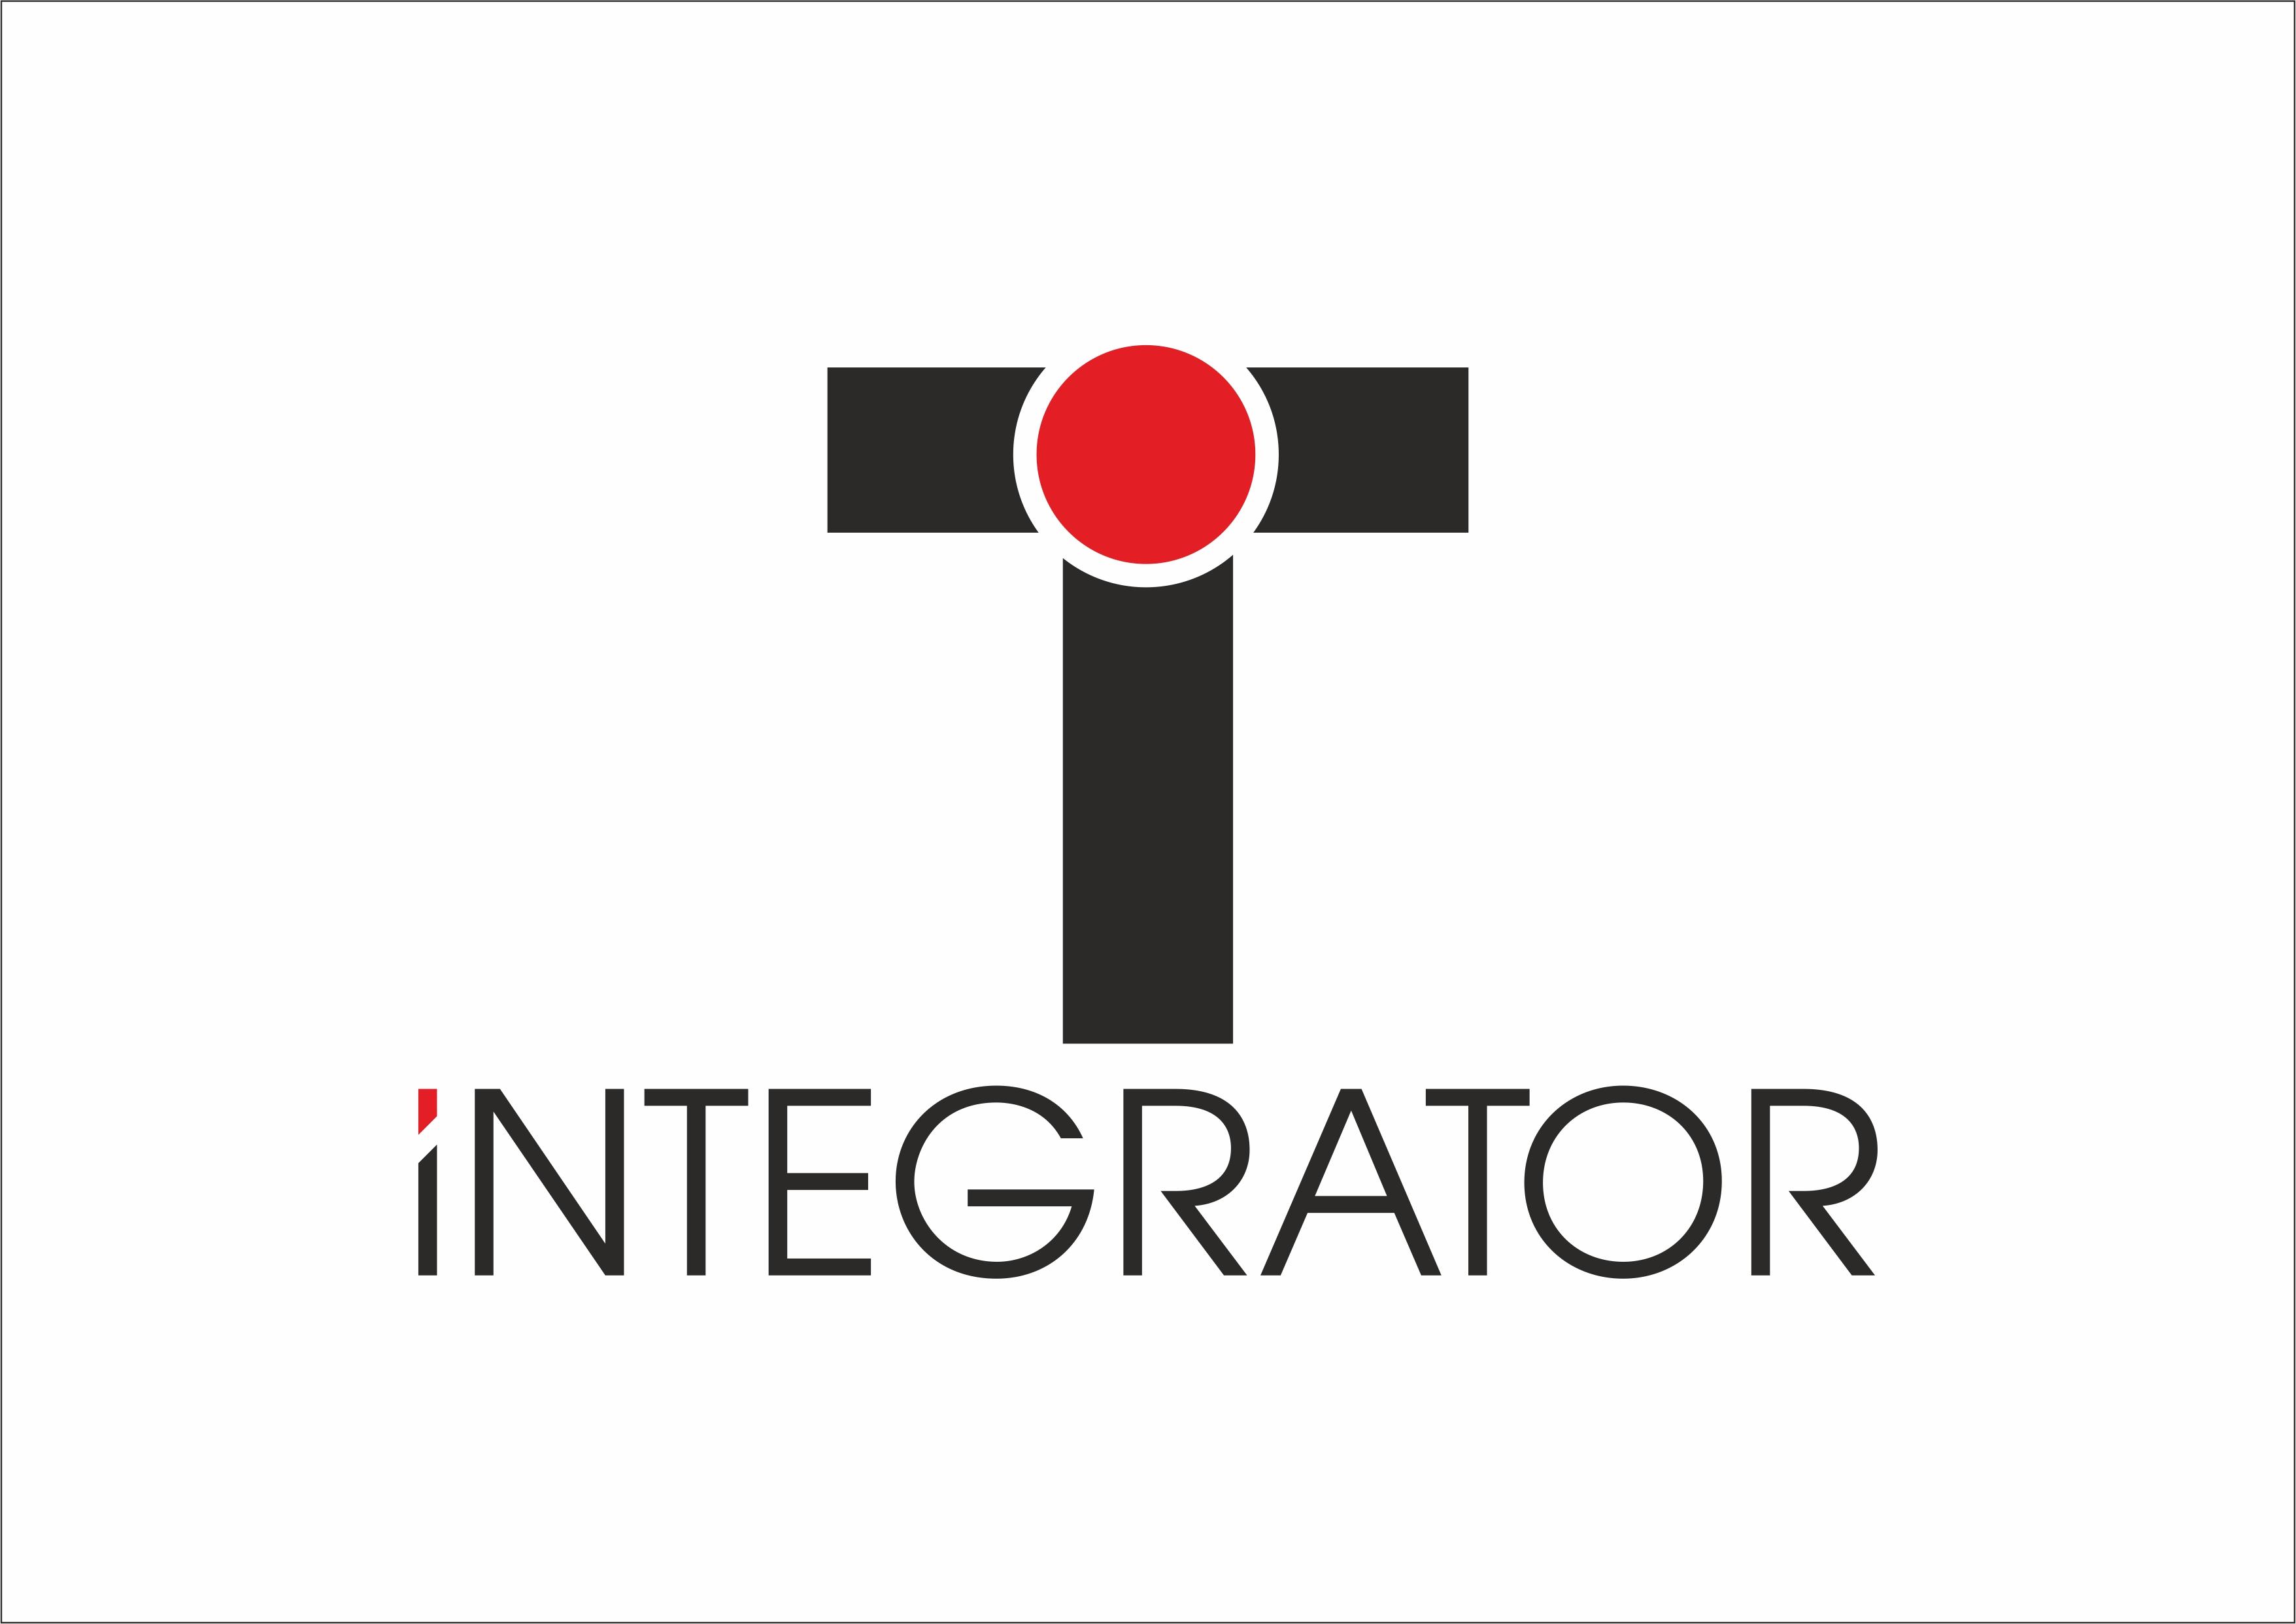 Логотип для IT интегратора фото f_827614c1782759c2.jpg